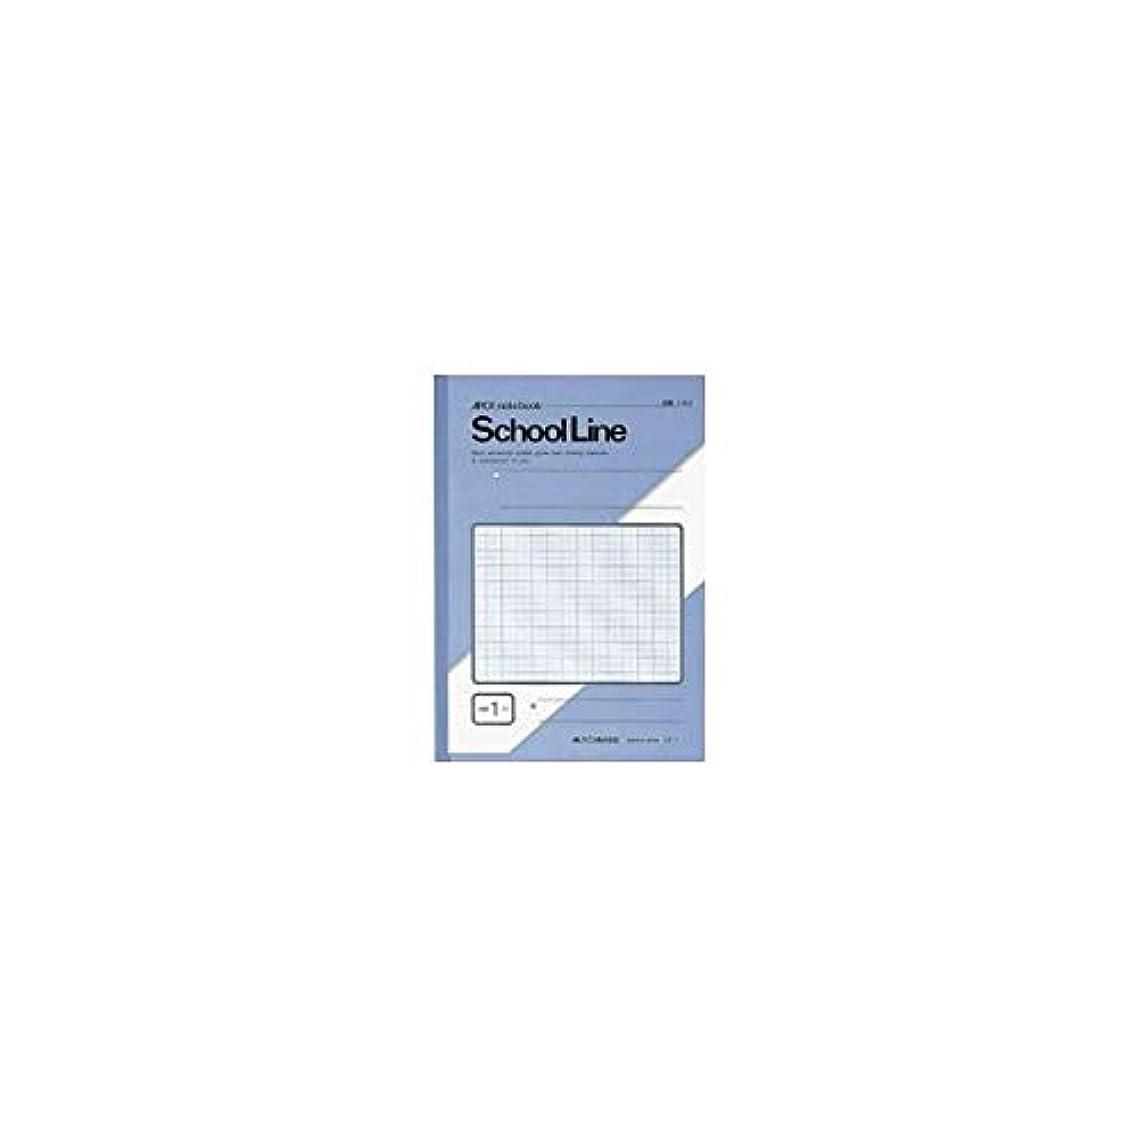 イルペインギリック割り当てますアピカ スクールライン 特殊罫ノート 学習帳 1ミリ方眼 10ミリ実線入 セミB5 アクア LS1 / 10セット